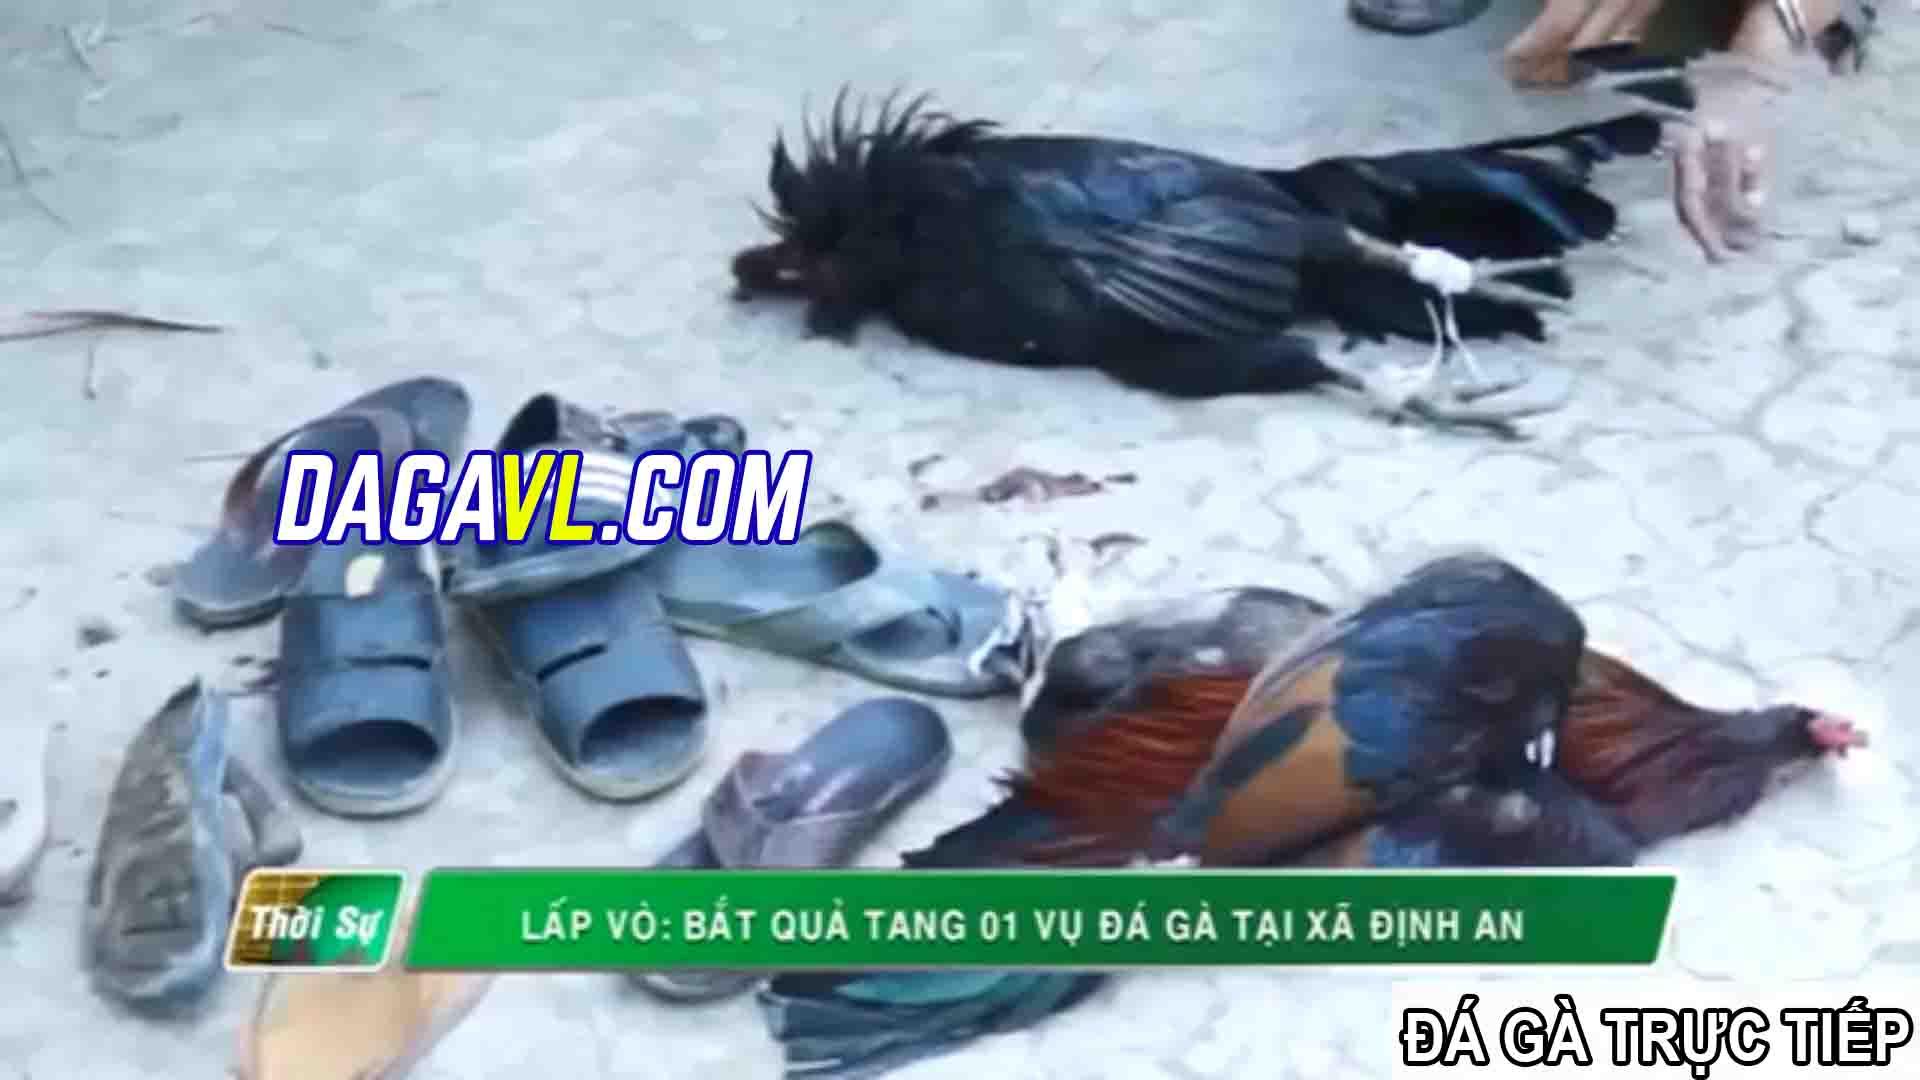 DAGAVL.COM - đá gà trực tiếp. Tang vật bắt 40 đối tượng đá gà ăn tiền tại Gò Công Đông